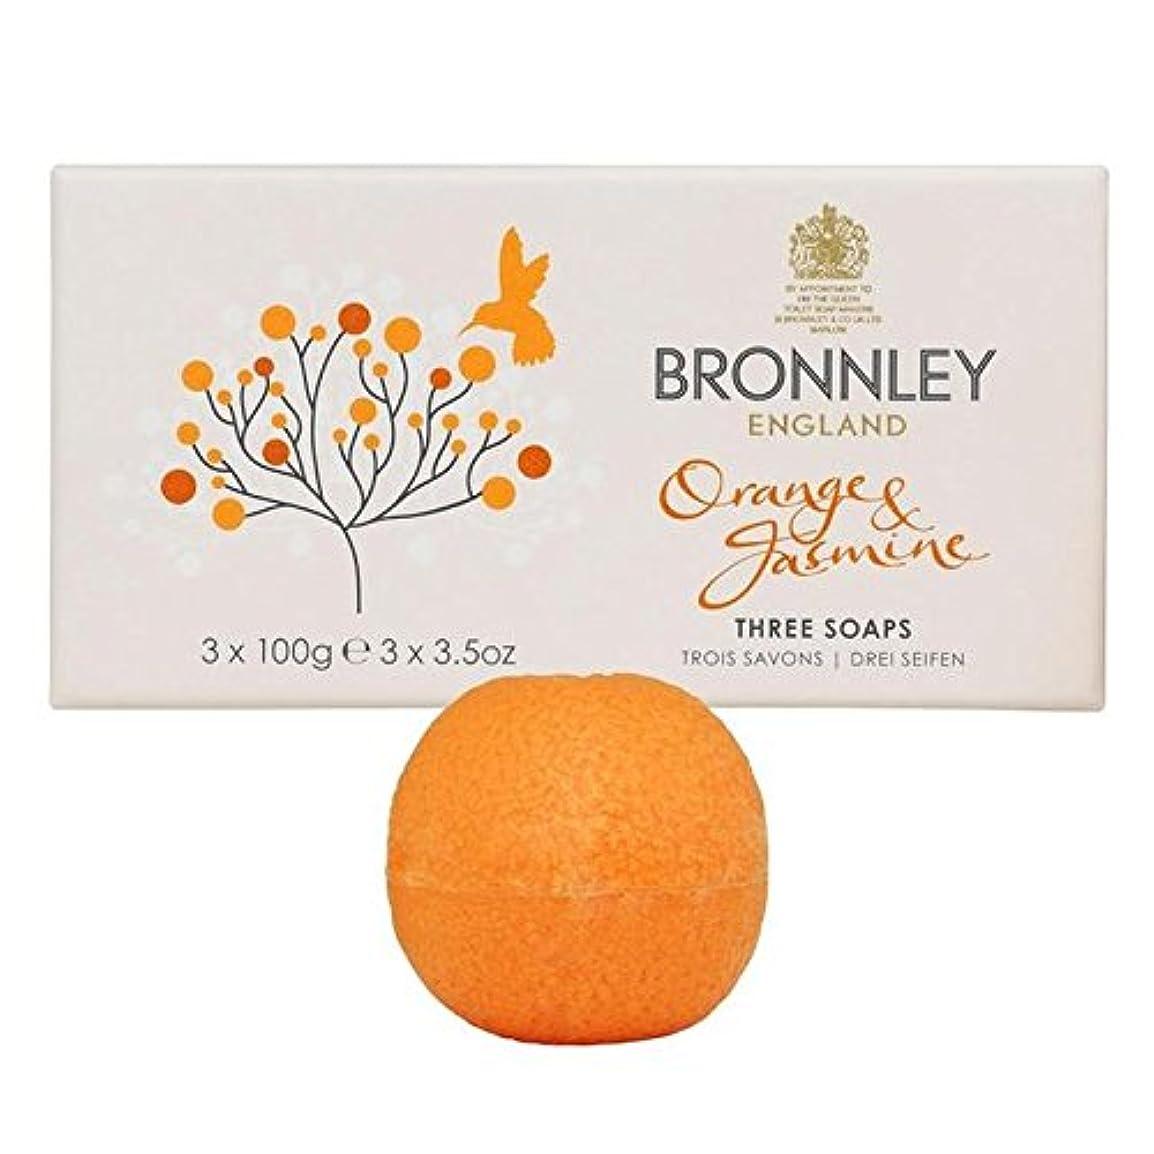 想像力豊かな幾分クラフトBronnley Orange & Jasmine Soaps 3 x 100g (Pack of 6) - オレンジ&ジャスミン石鹸3×100グラム x6 [並行輸入品]